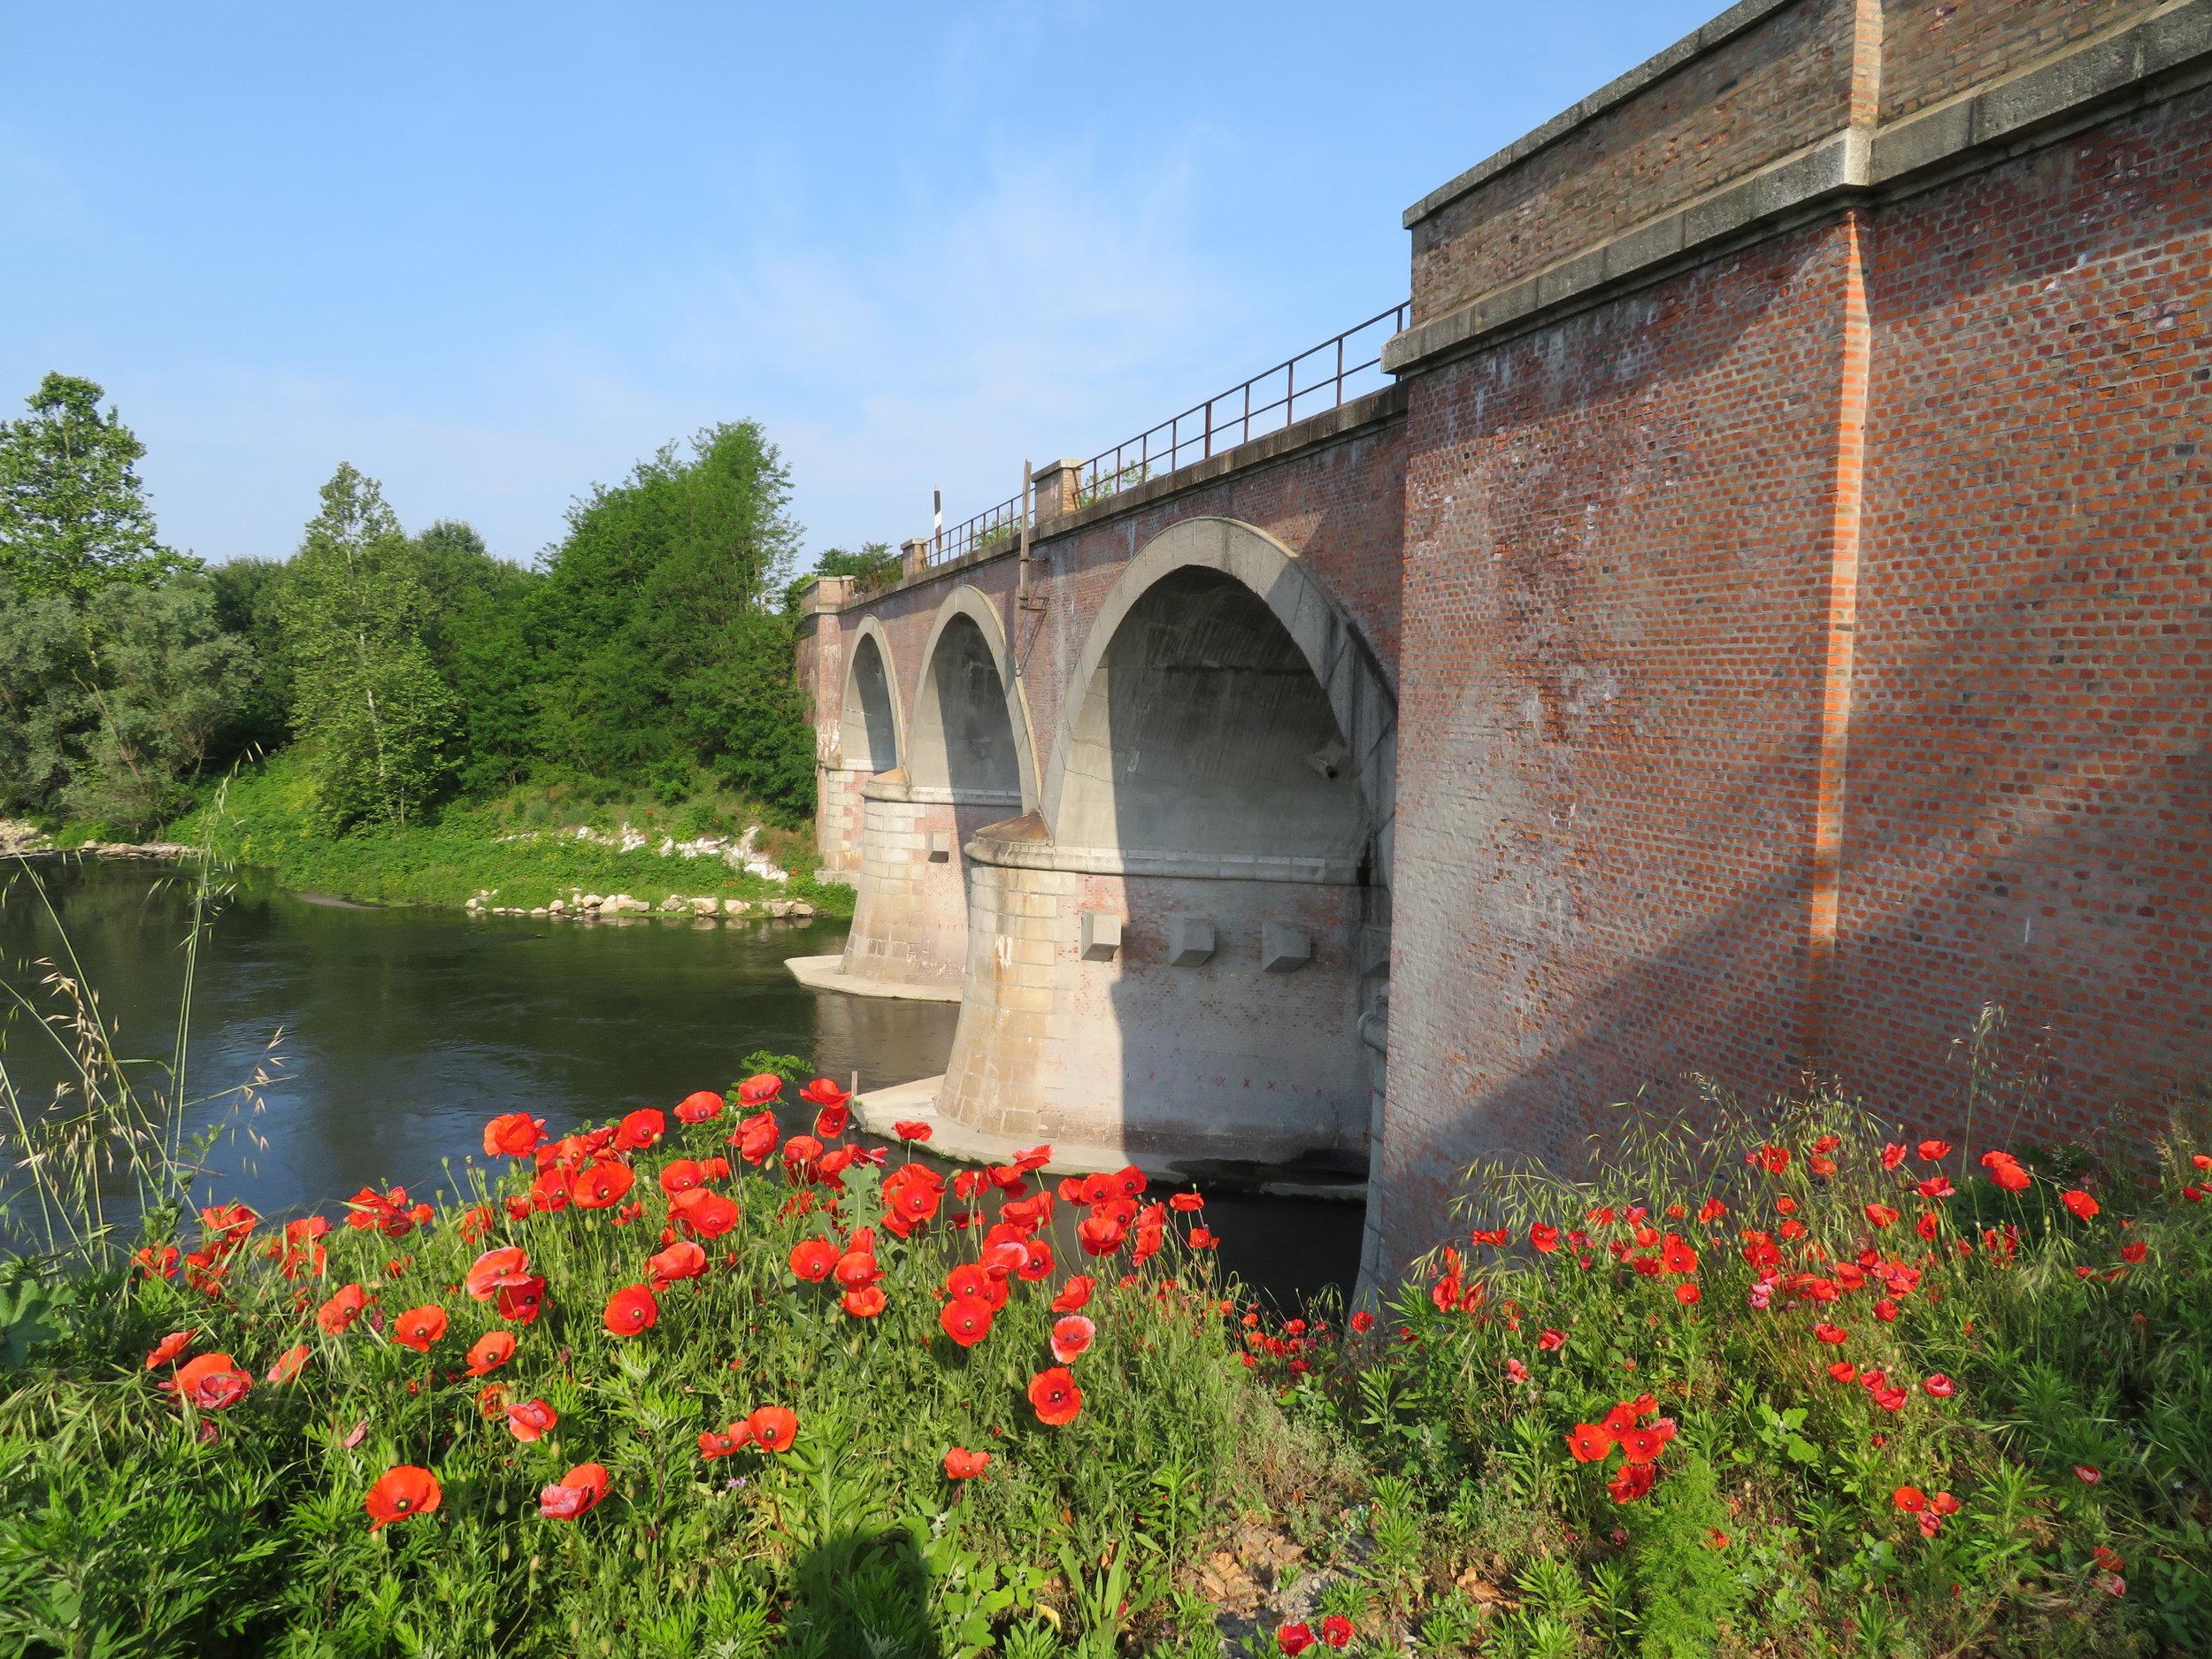 We crossed the scenic multi-arched bridge over Fiume Lambro.